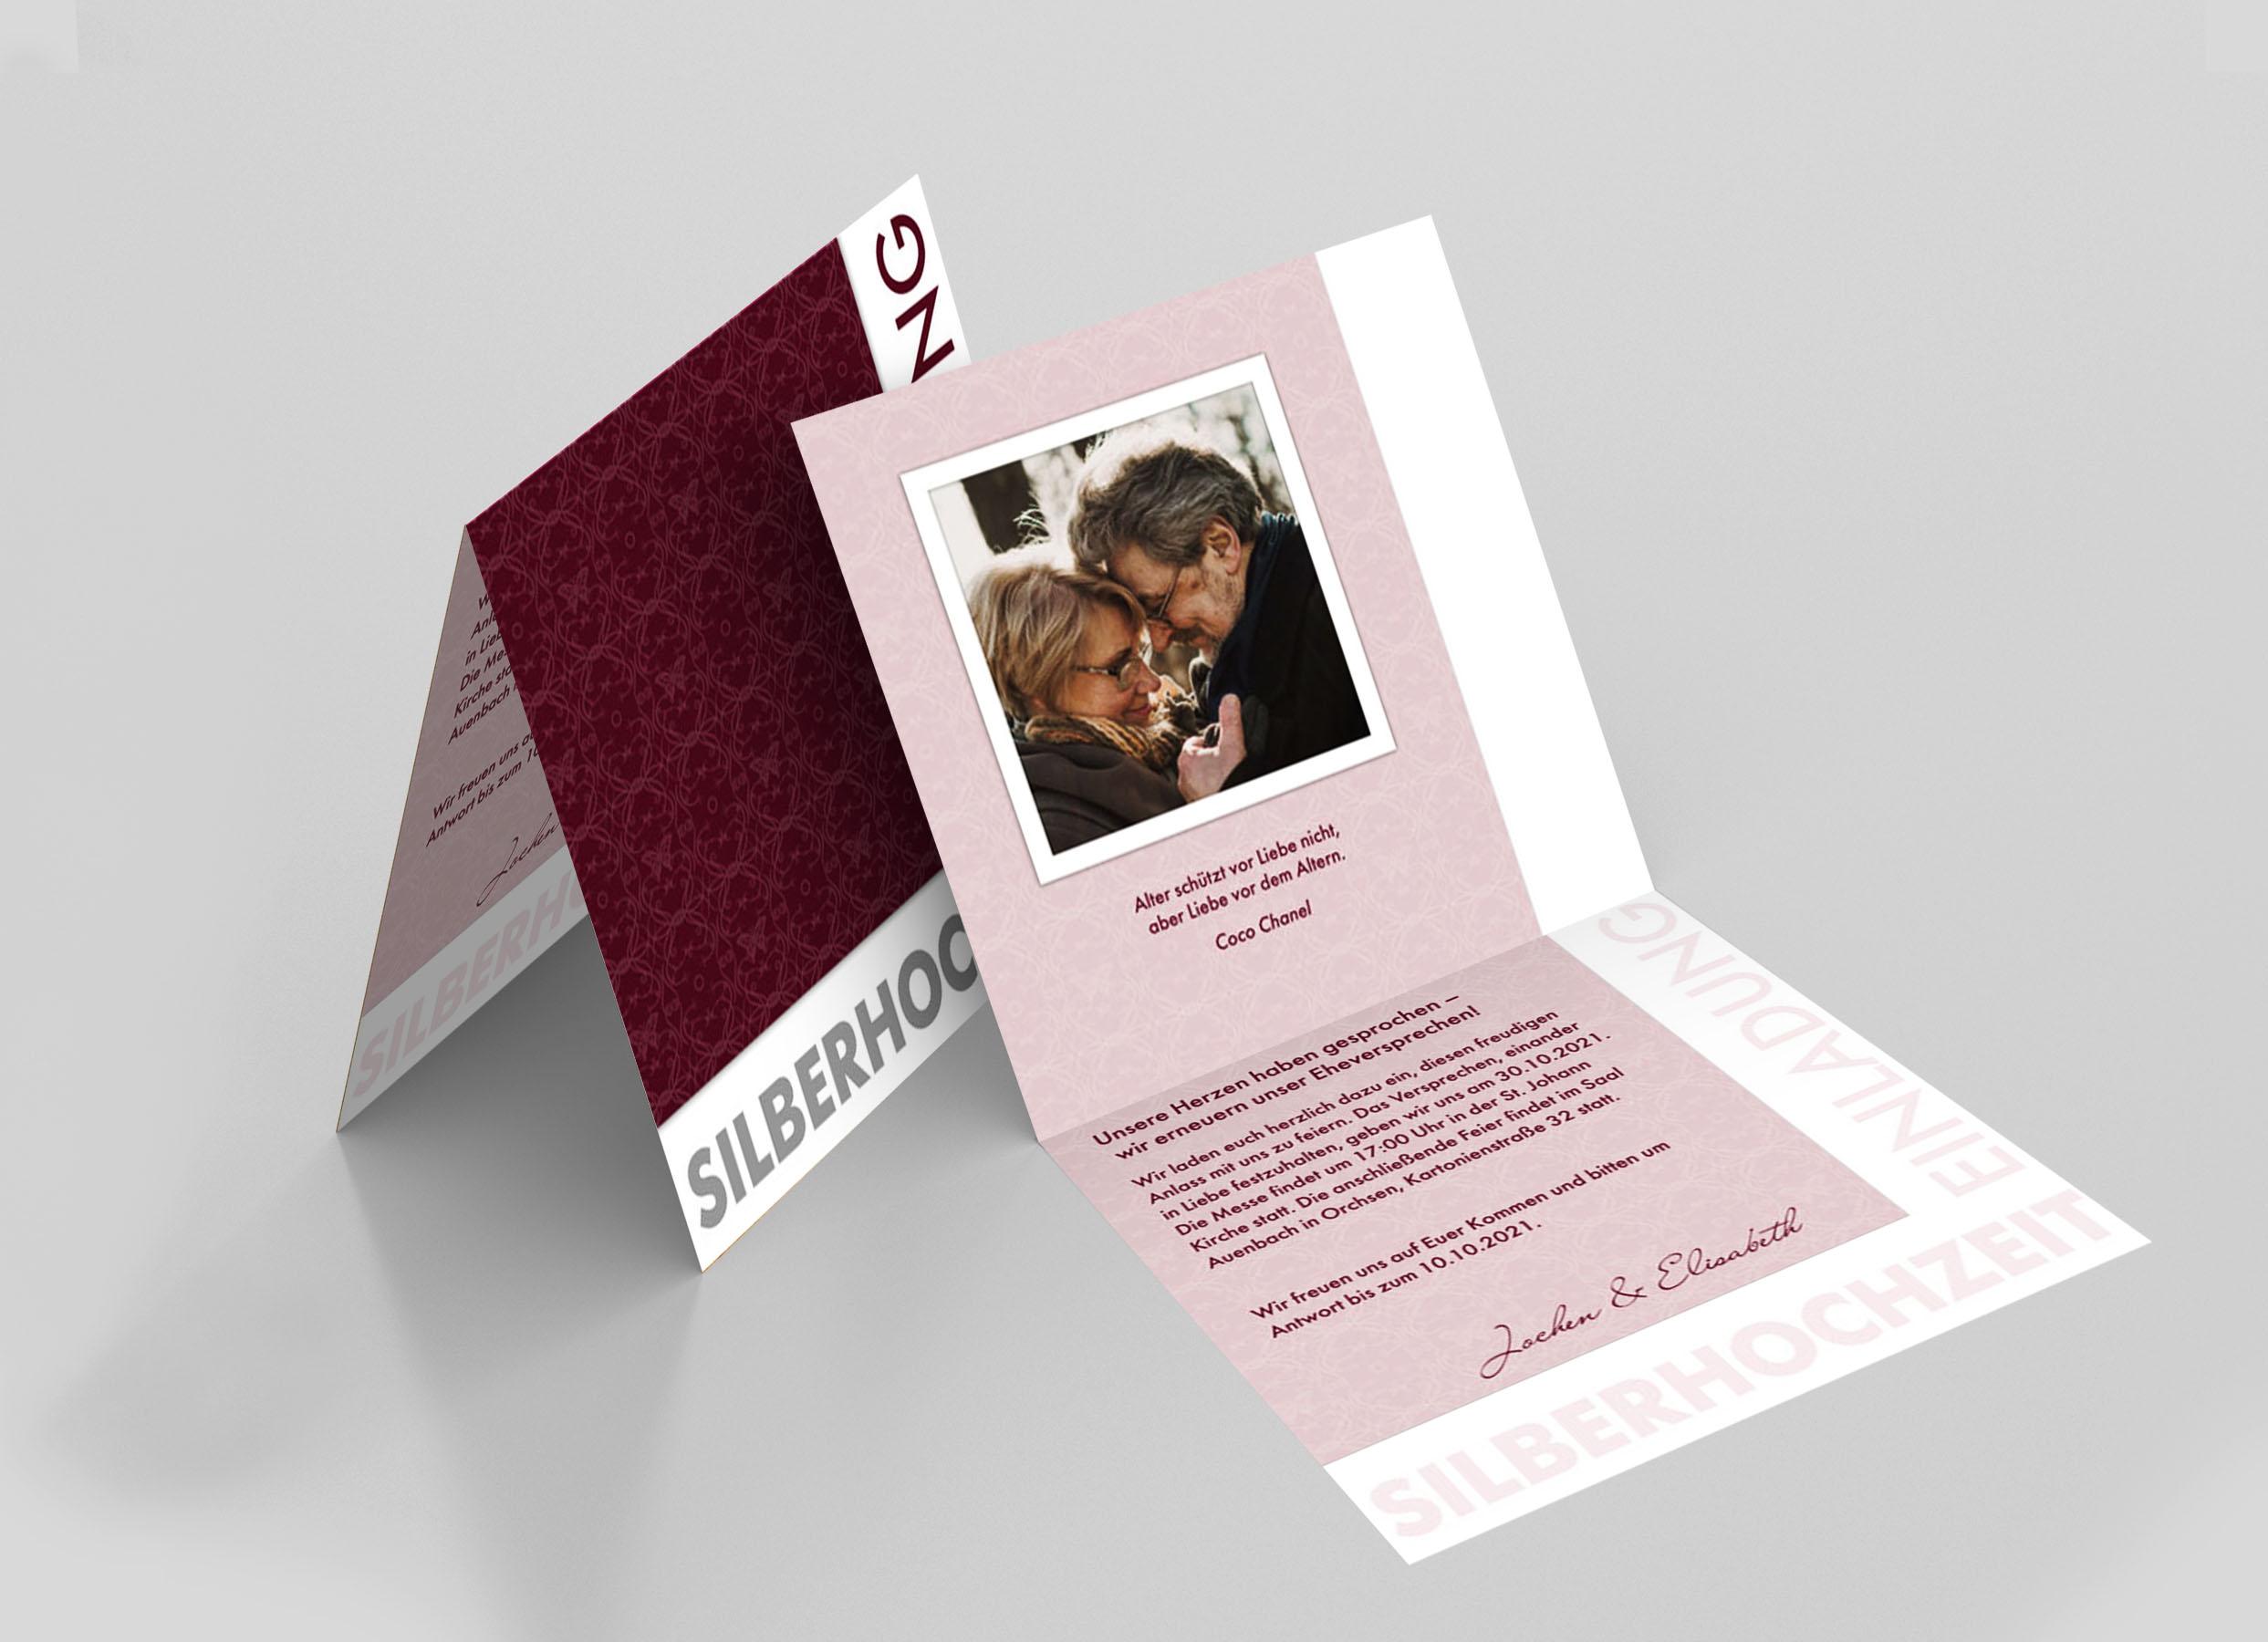 Einladungskarte Silberhochzeit Schmetterlingsornamente